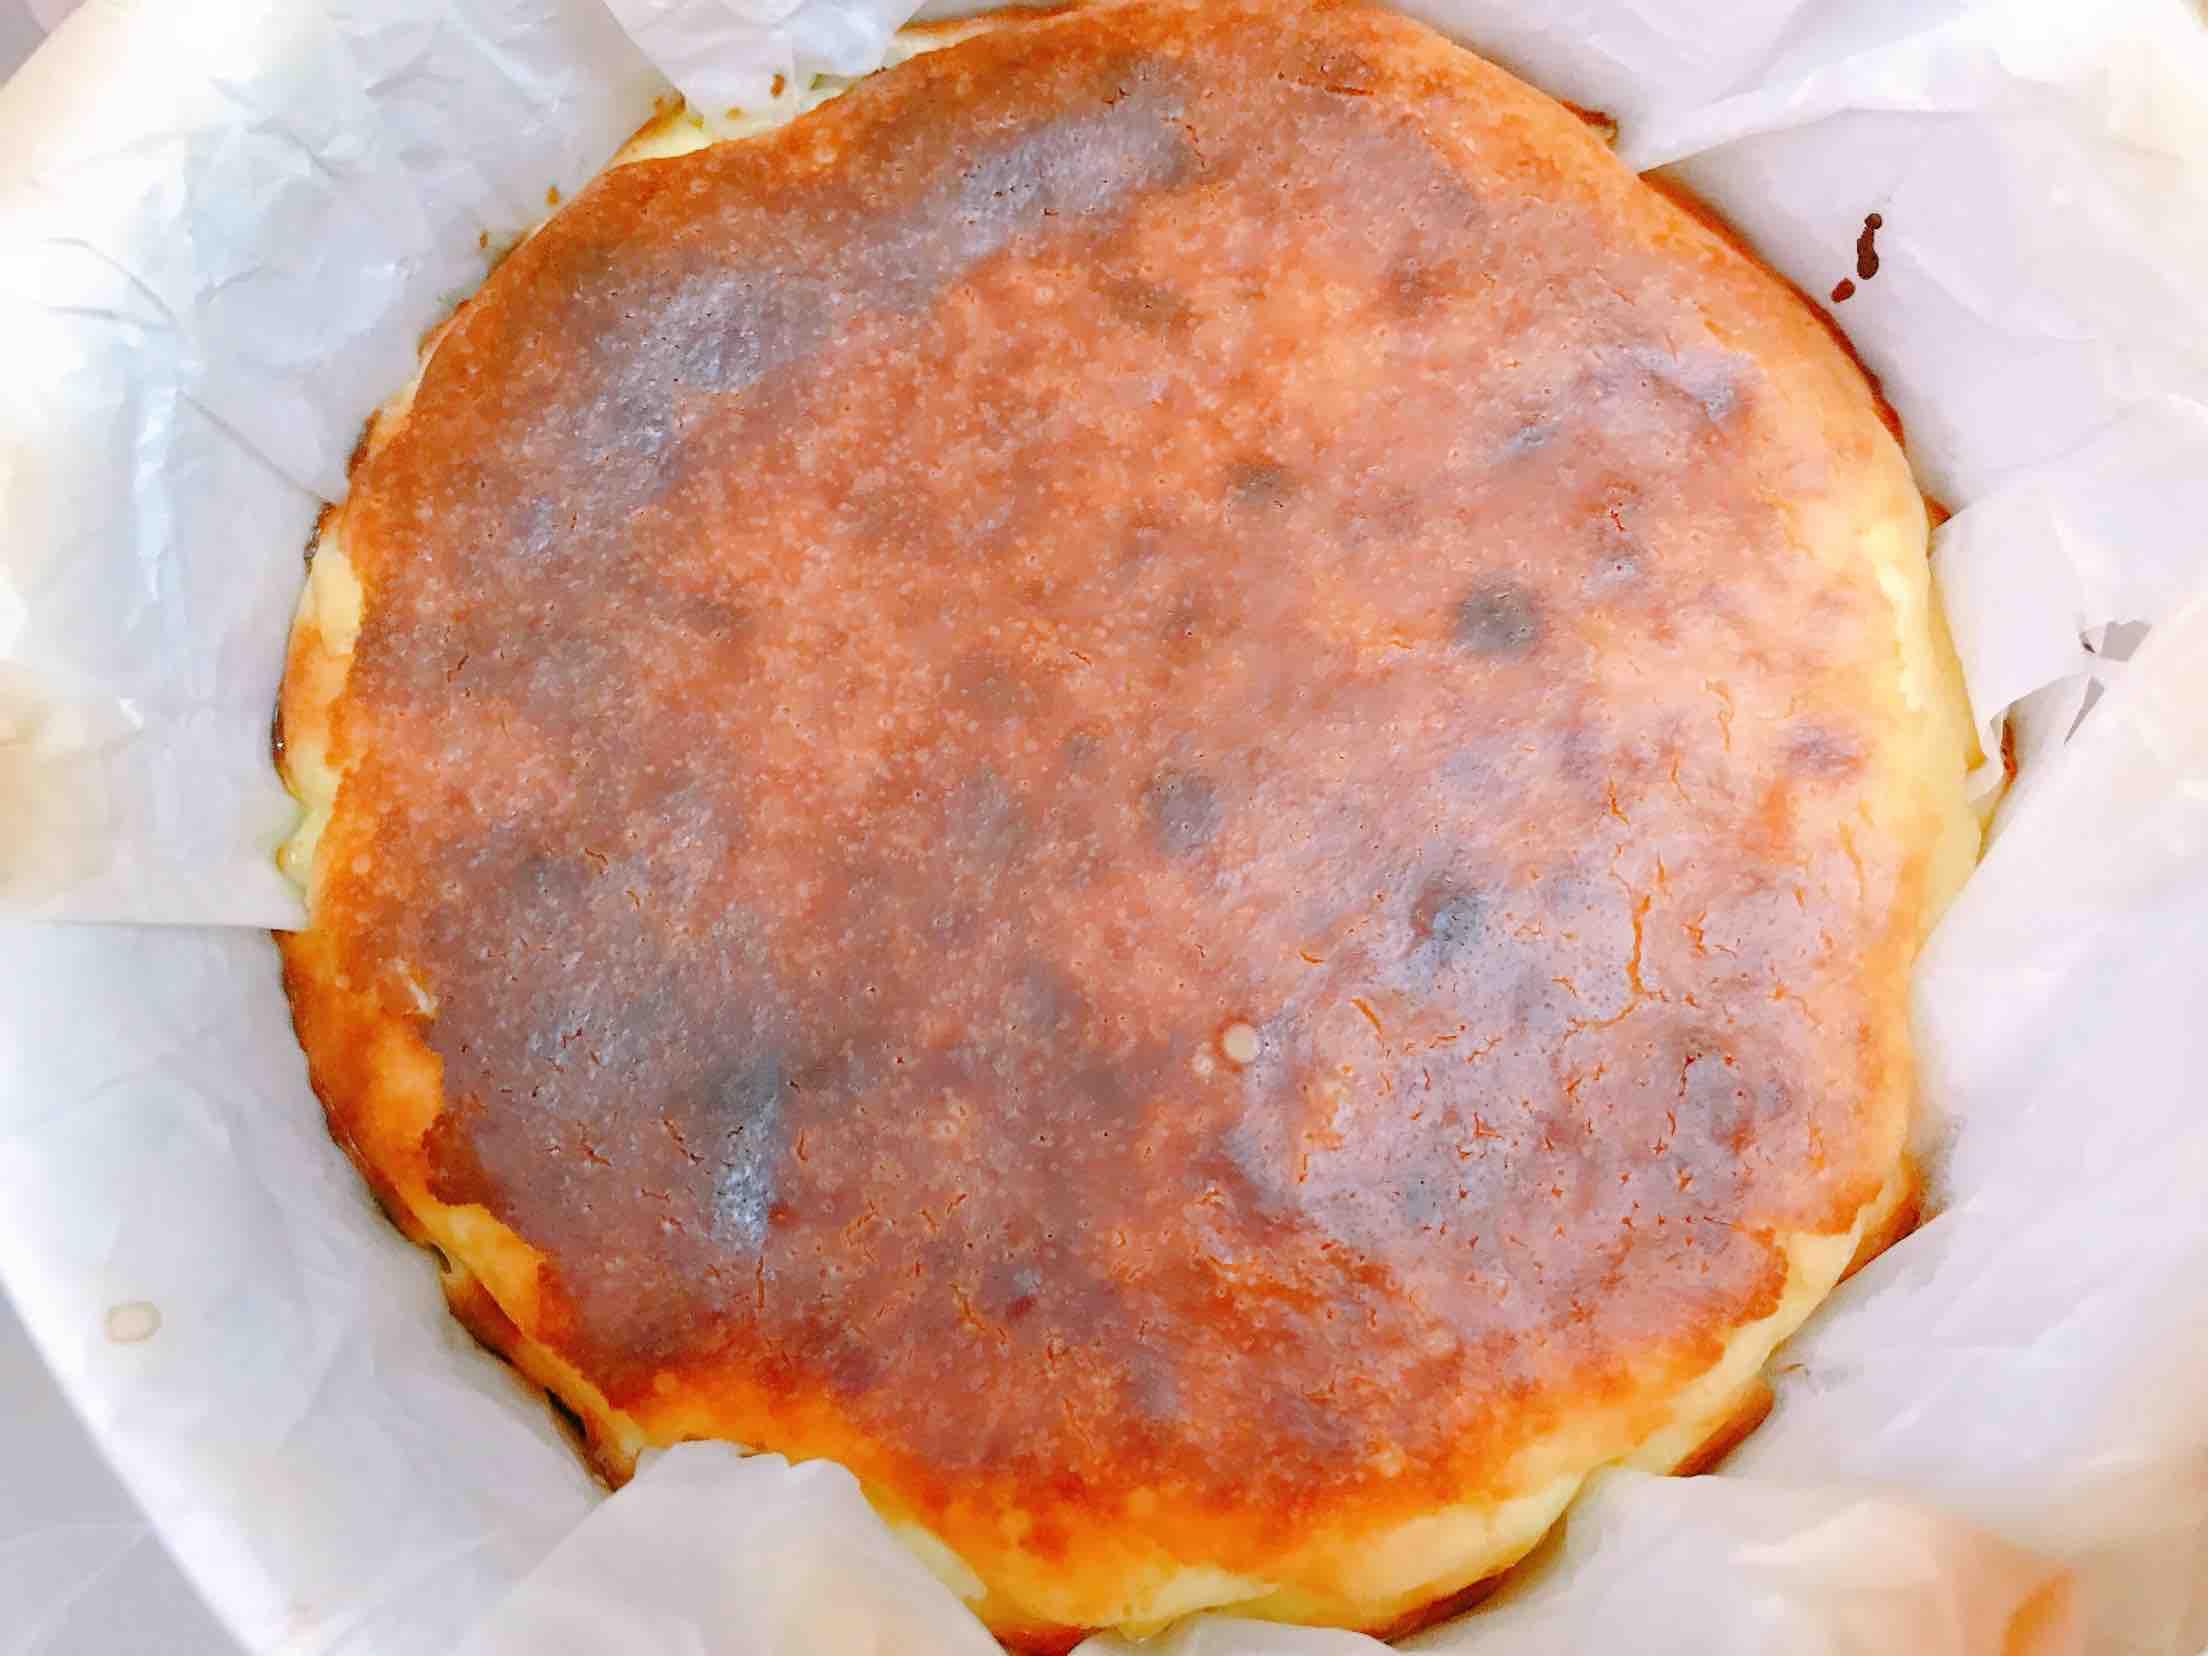 巴斯克烧焦芝士蛋糕怎么炒